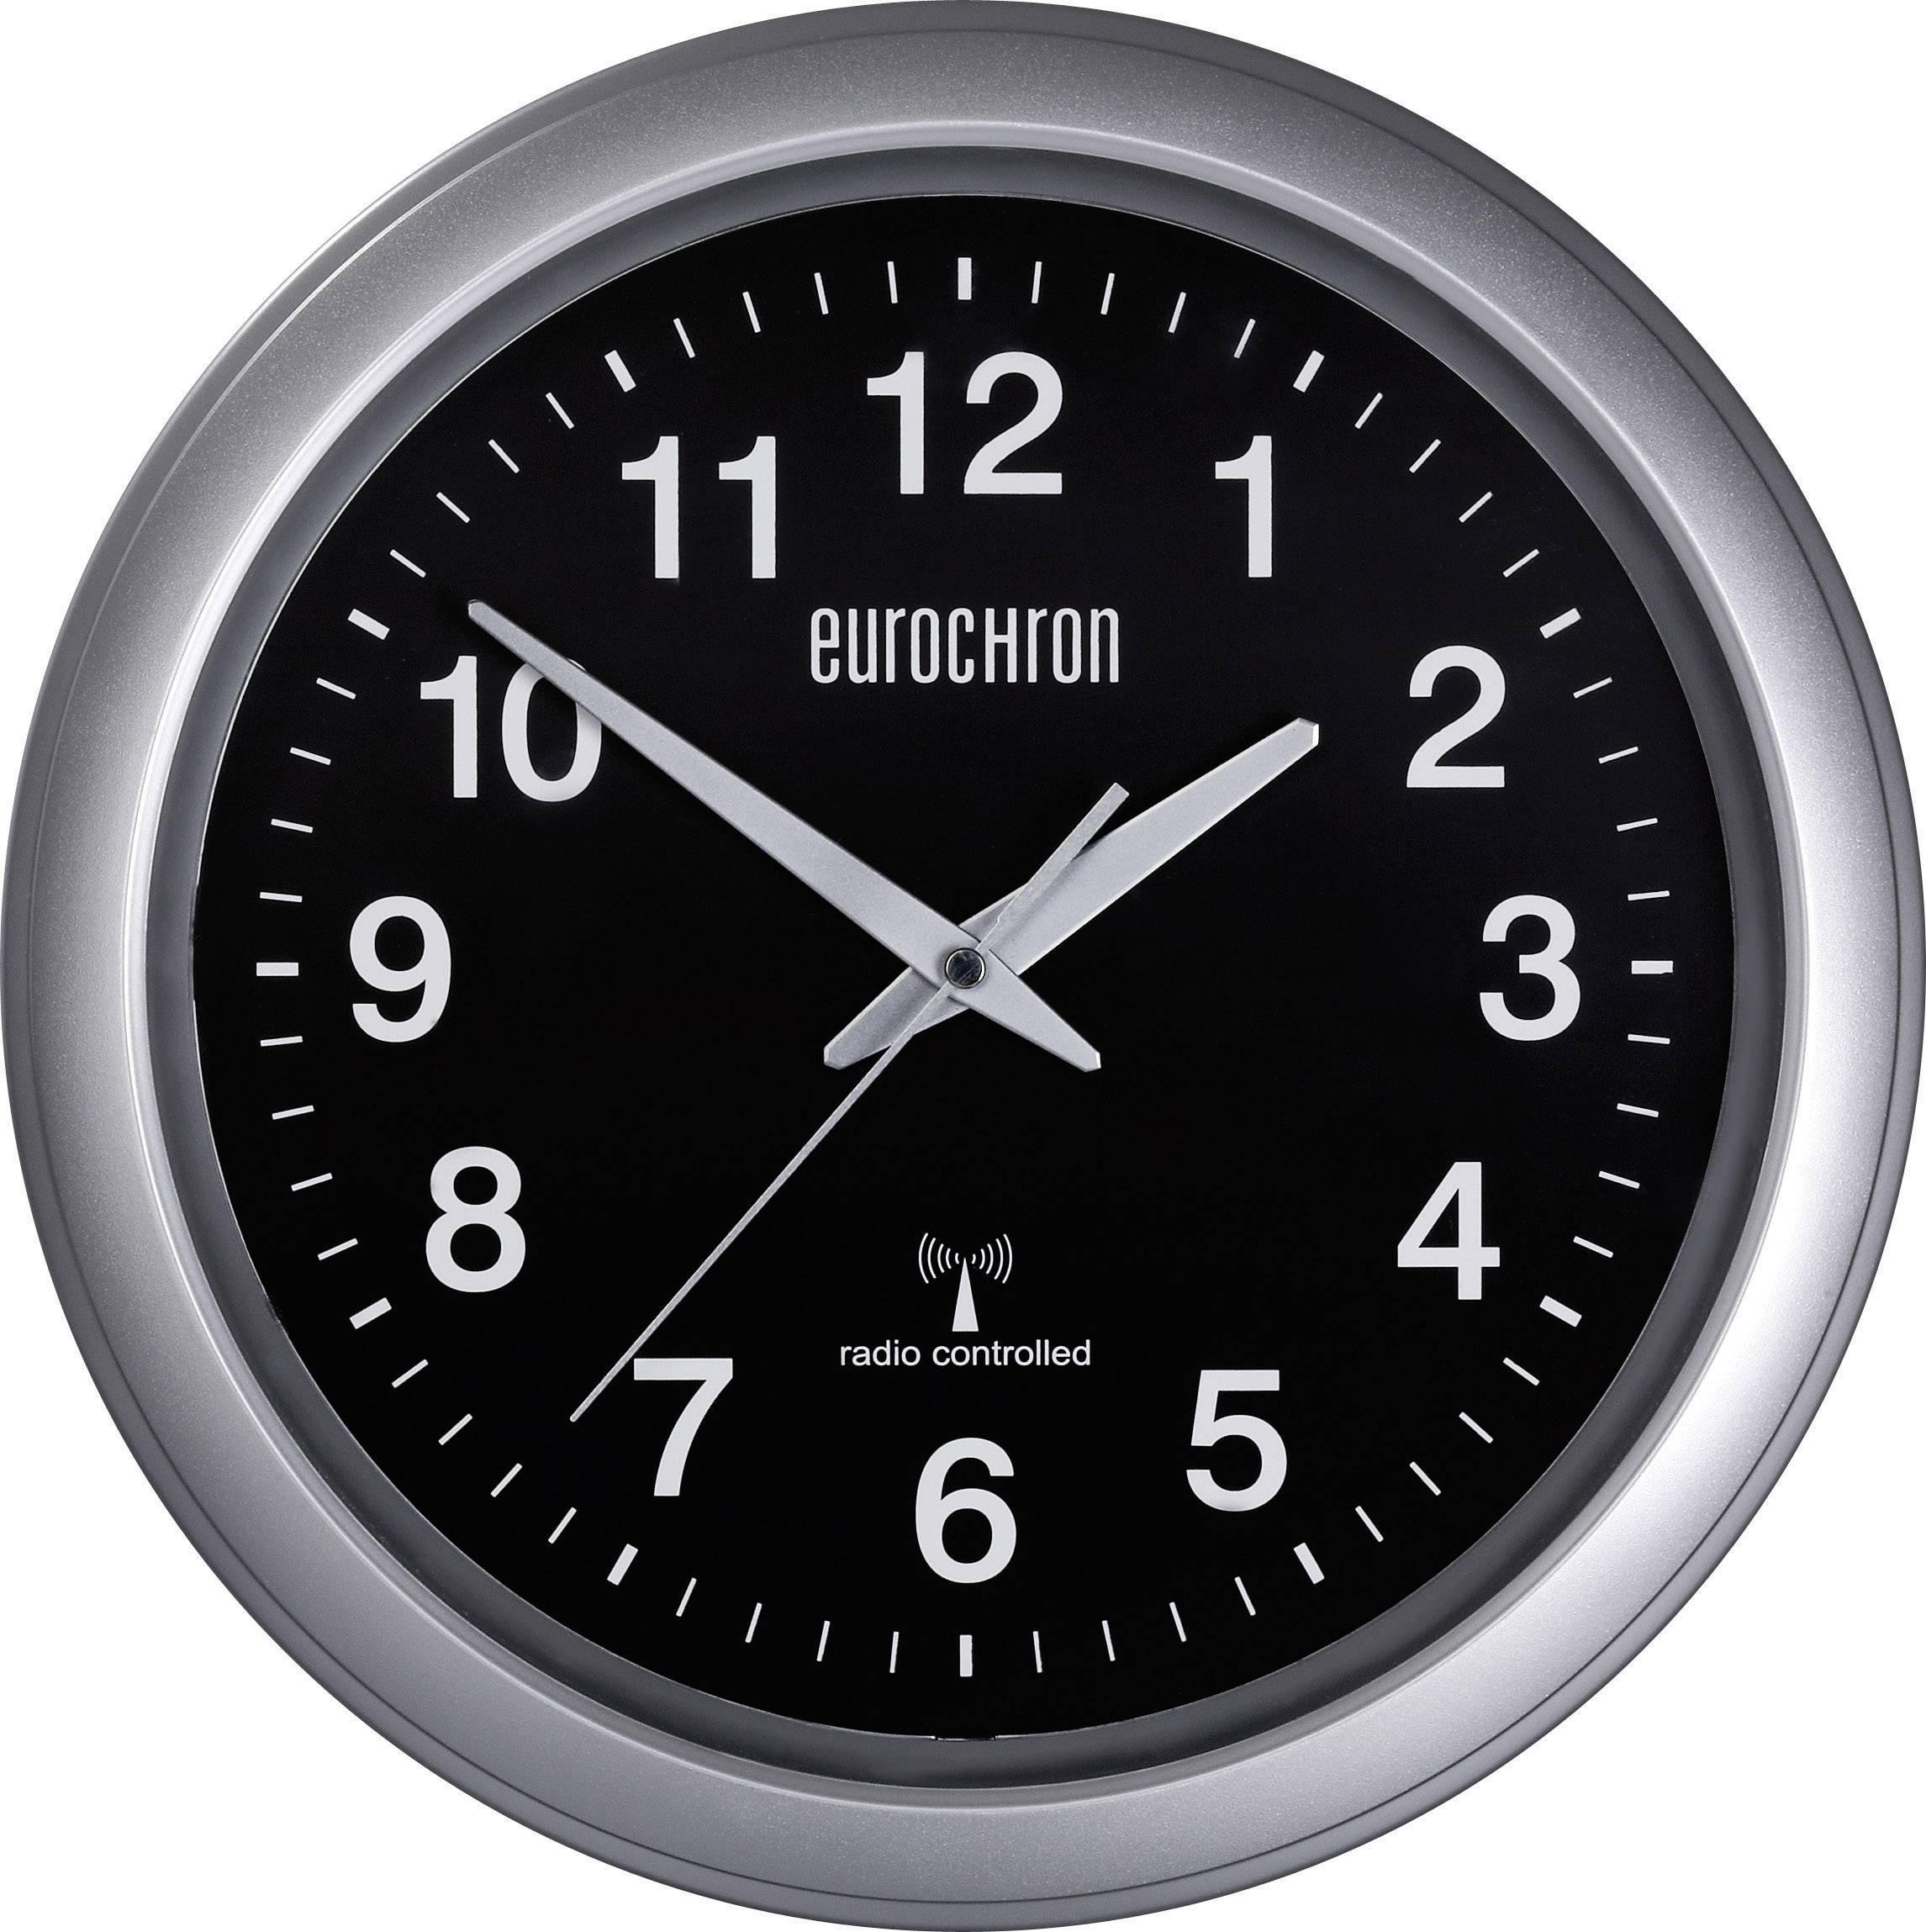 Analogové DCF nástěnné hodiny Eurochron EFWU 4601, Ø 325 x 45 mm, černá/stříbrná